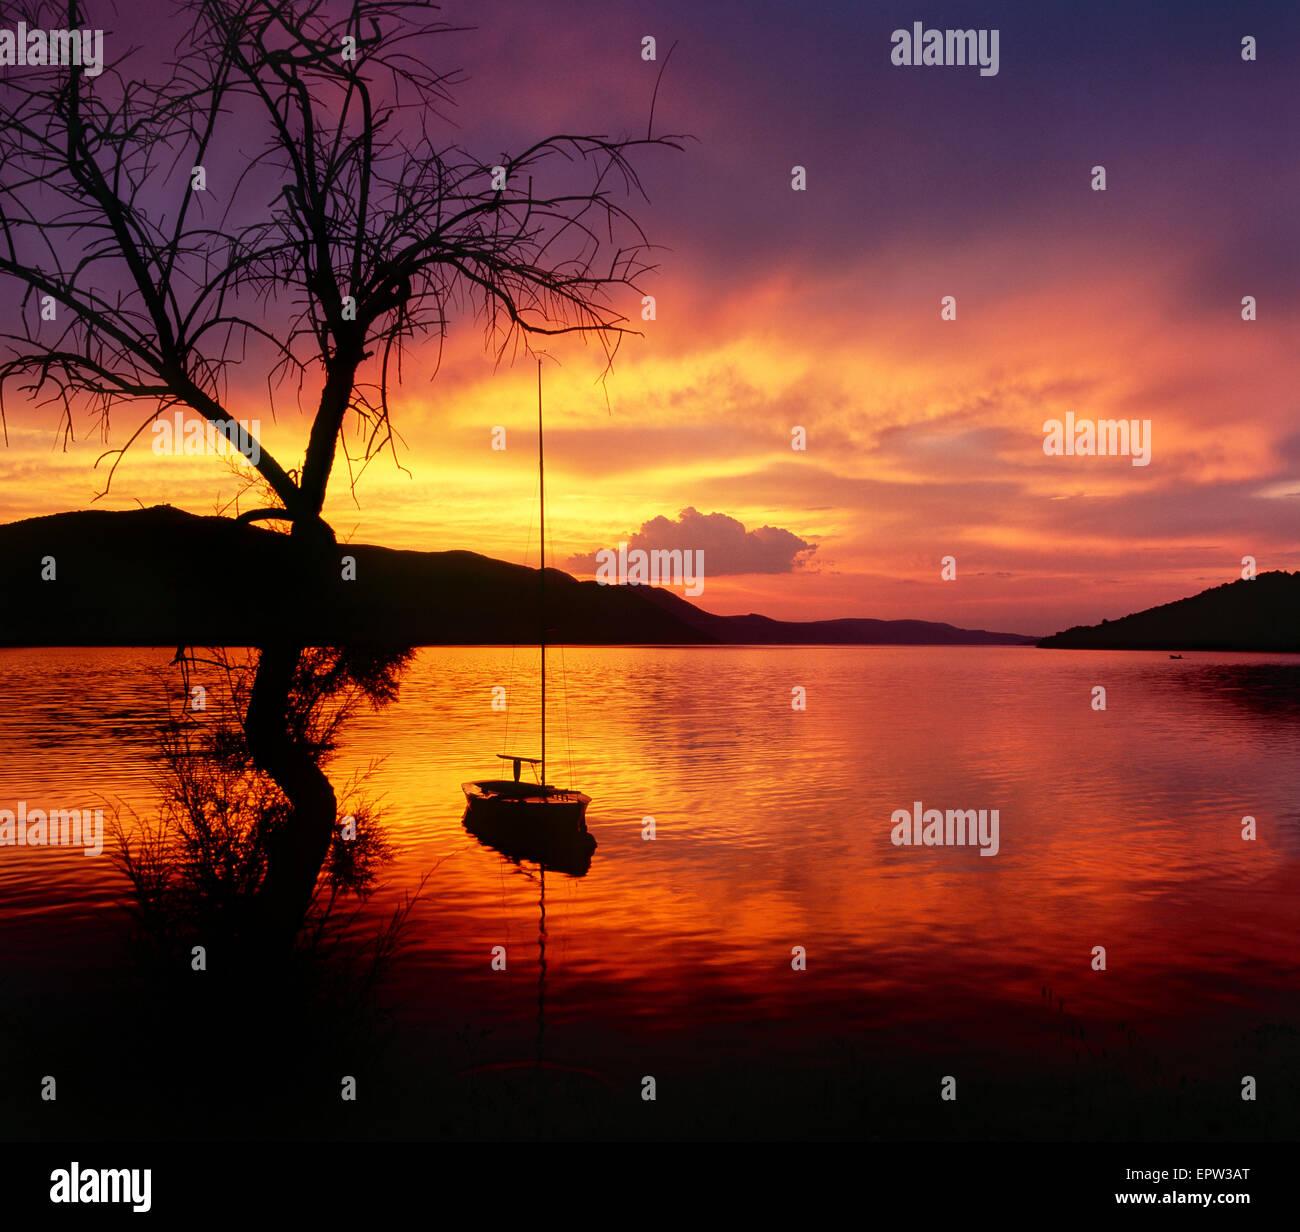 Paysage au coucher du soleil. Trois et voilier dans le coucher du soleil en mer. Photo Stock